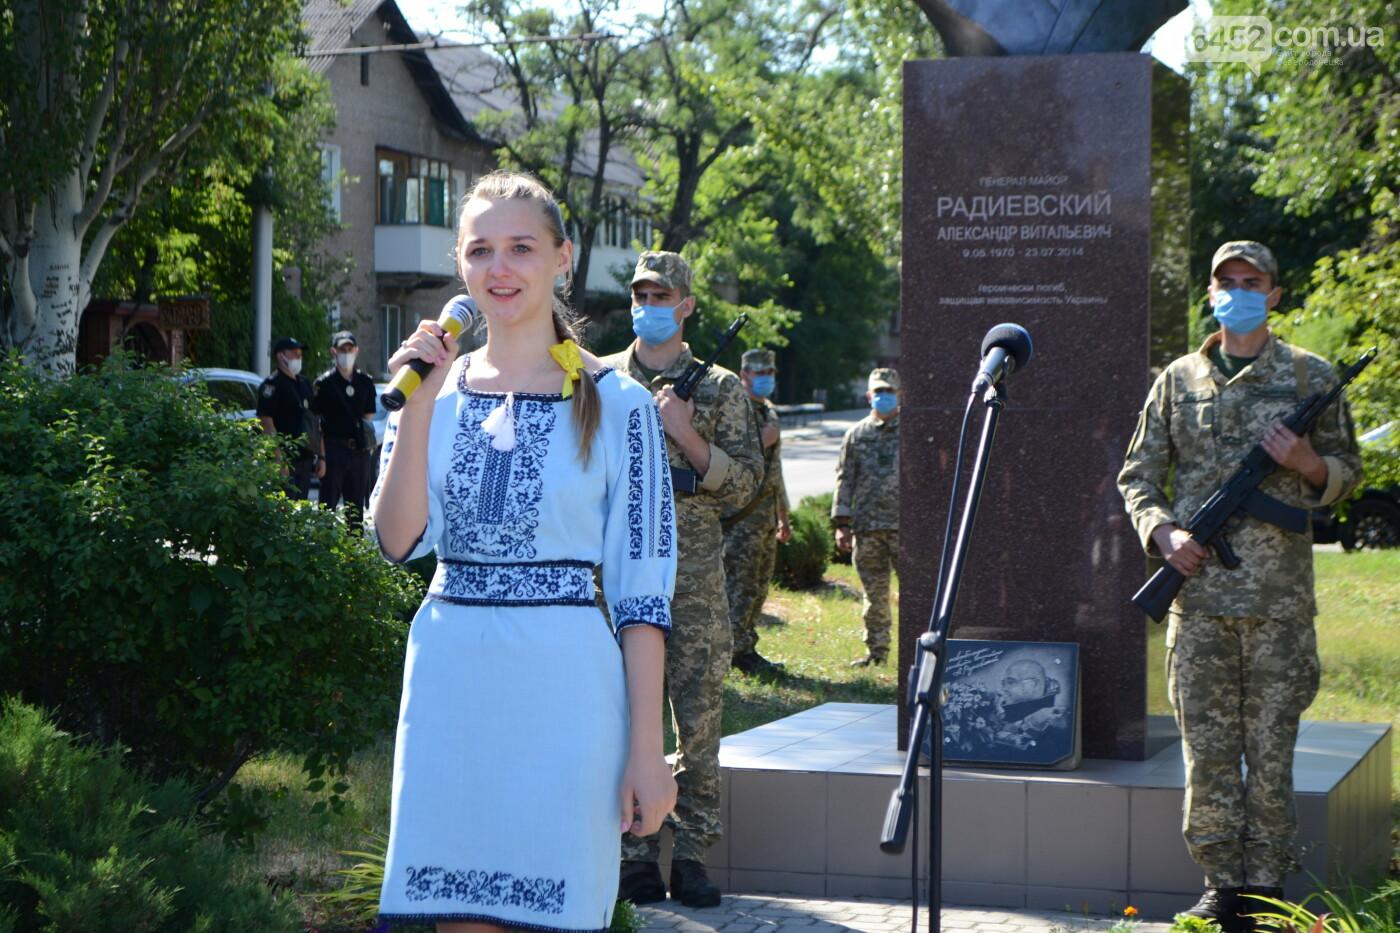 Северодонецк отмечает шестую годовщину освобождения от незаконных вооруженных формирований, фото-5